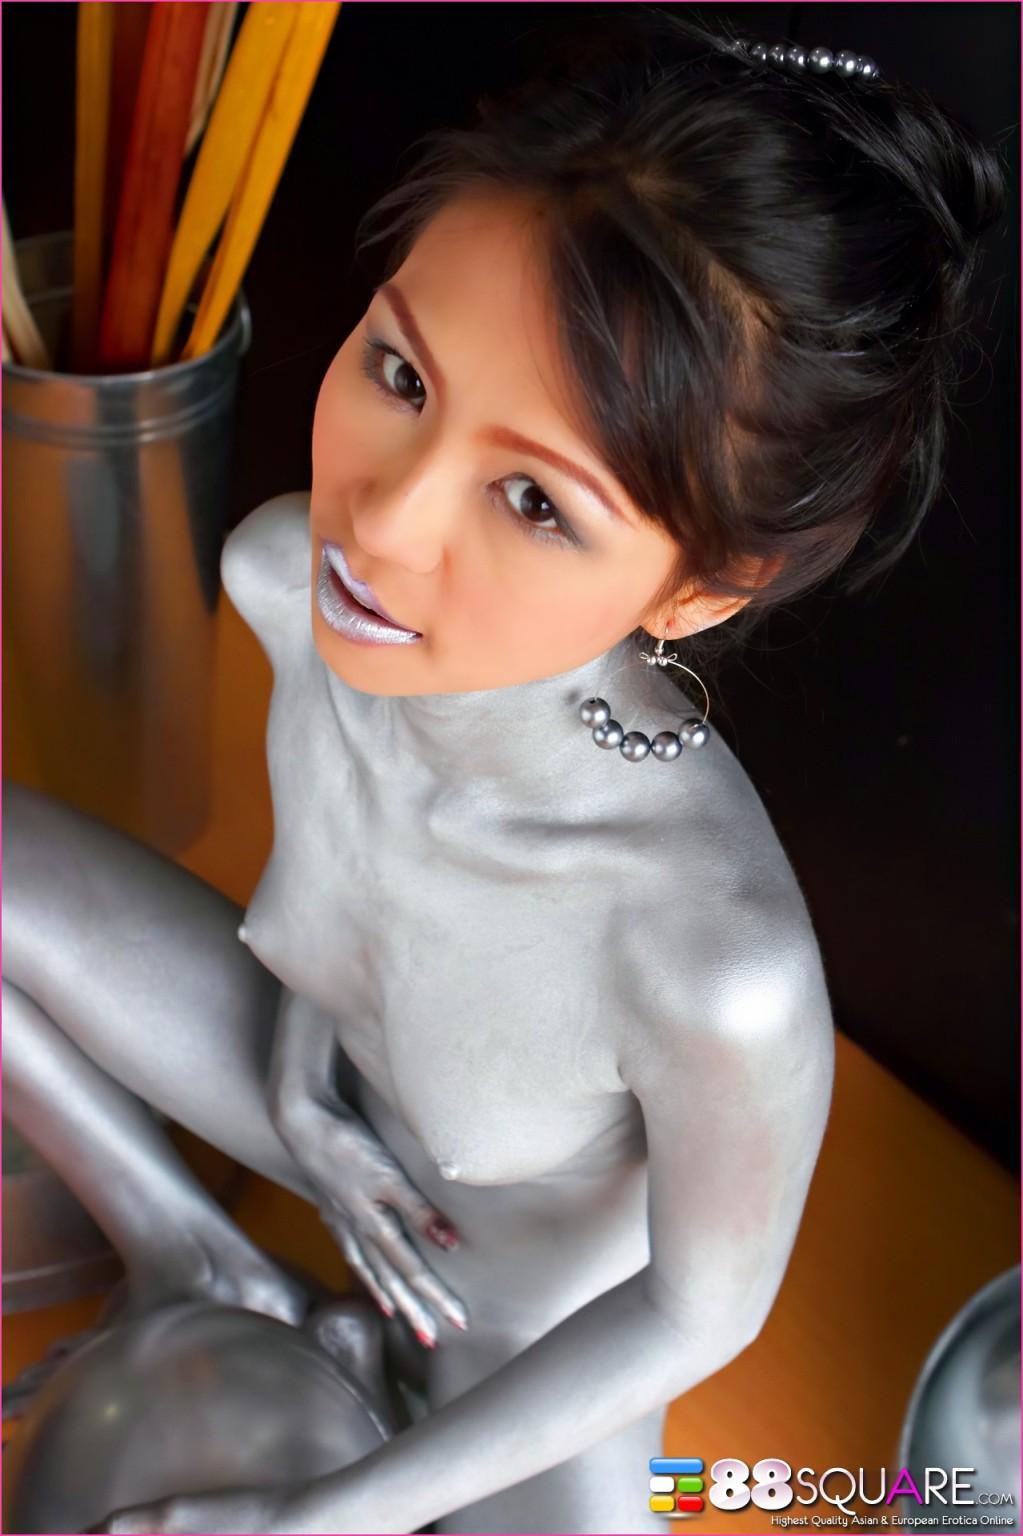 Азиатская девушка Наоми, покрыта серебристой краской, трахает розовую красивую пизду вибратором